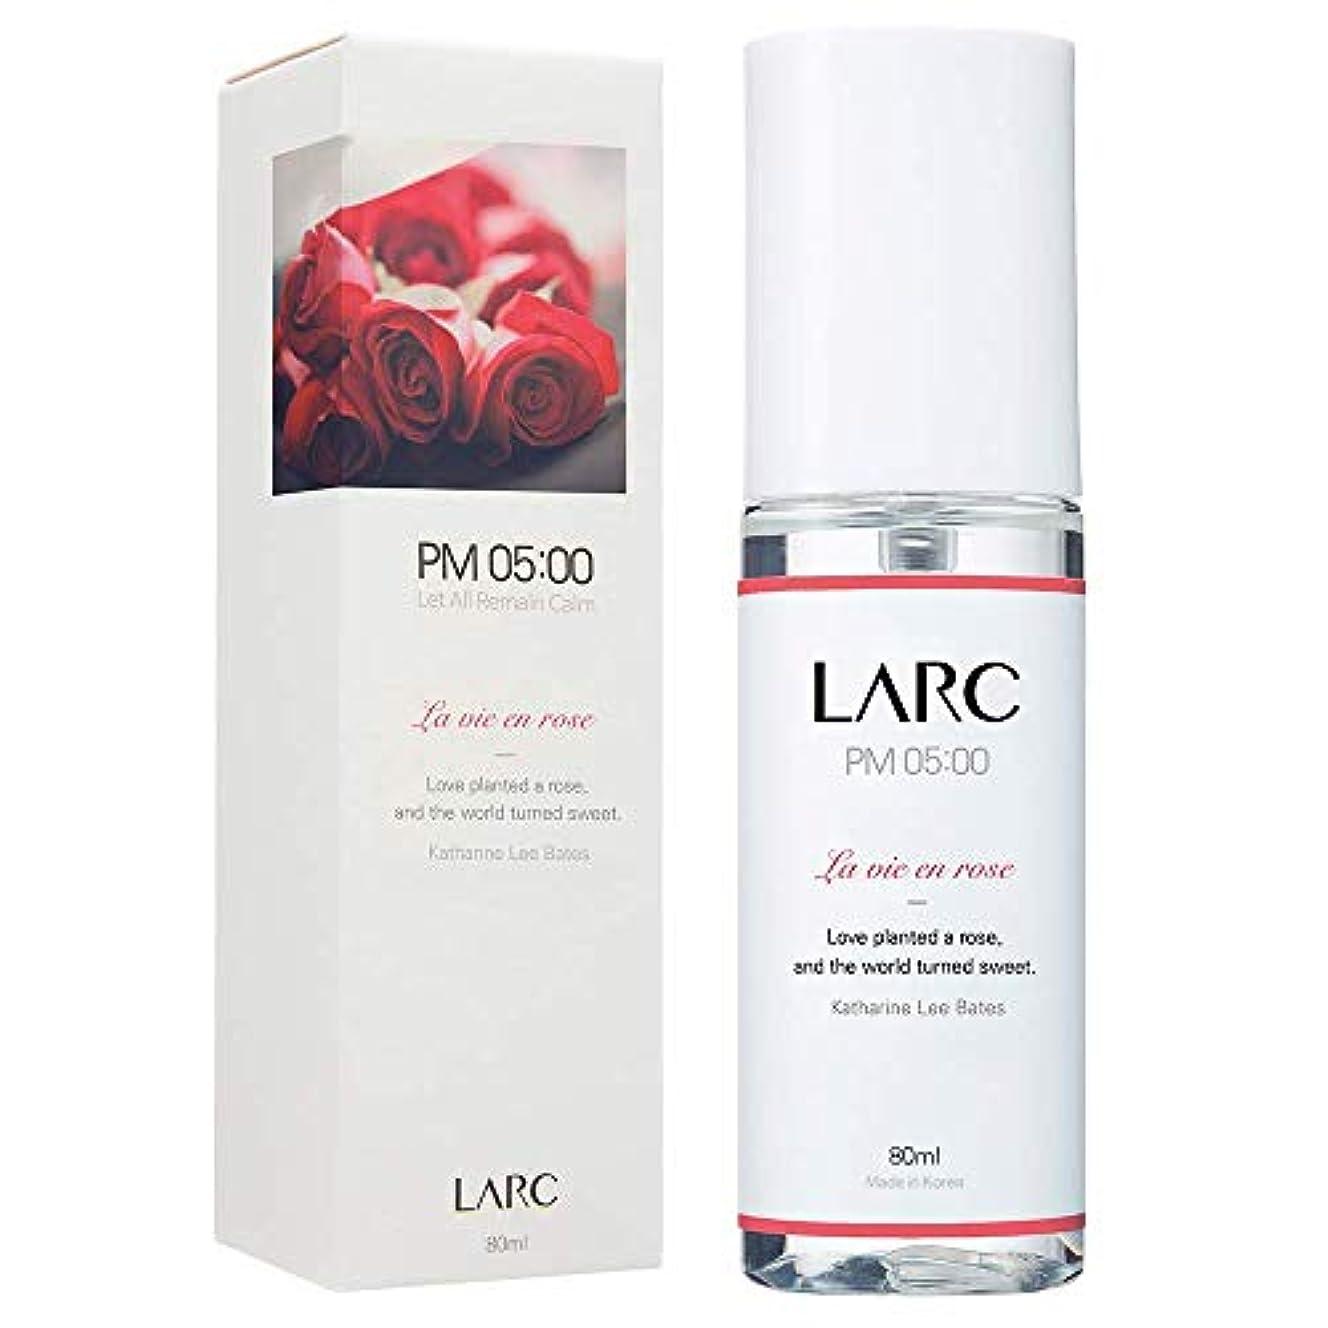 高いキャップ浸漬LARC ボディミスト 80ml (PM05:00 ラヴィアンローズ、午後5時の香り)